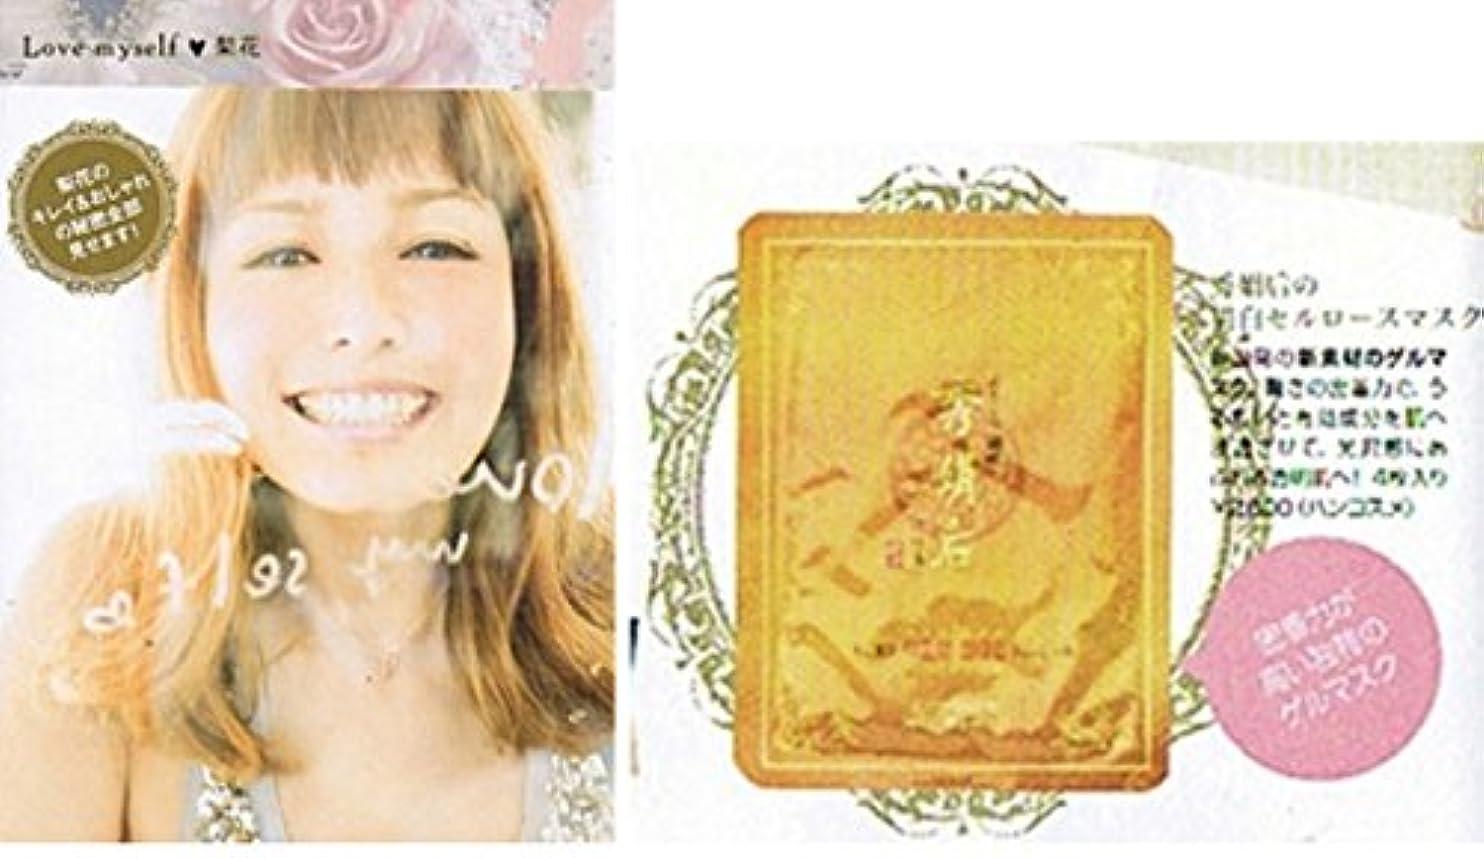 ボア油お母さんシートマスク、パック 韓国コスメ、梨花のバイオセルロースマス...一箱4枚